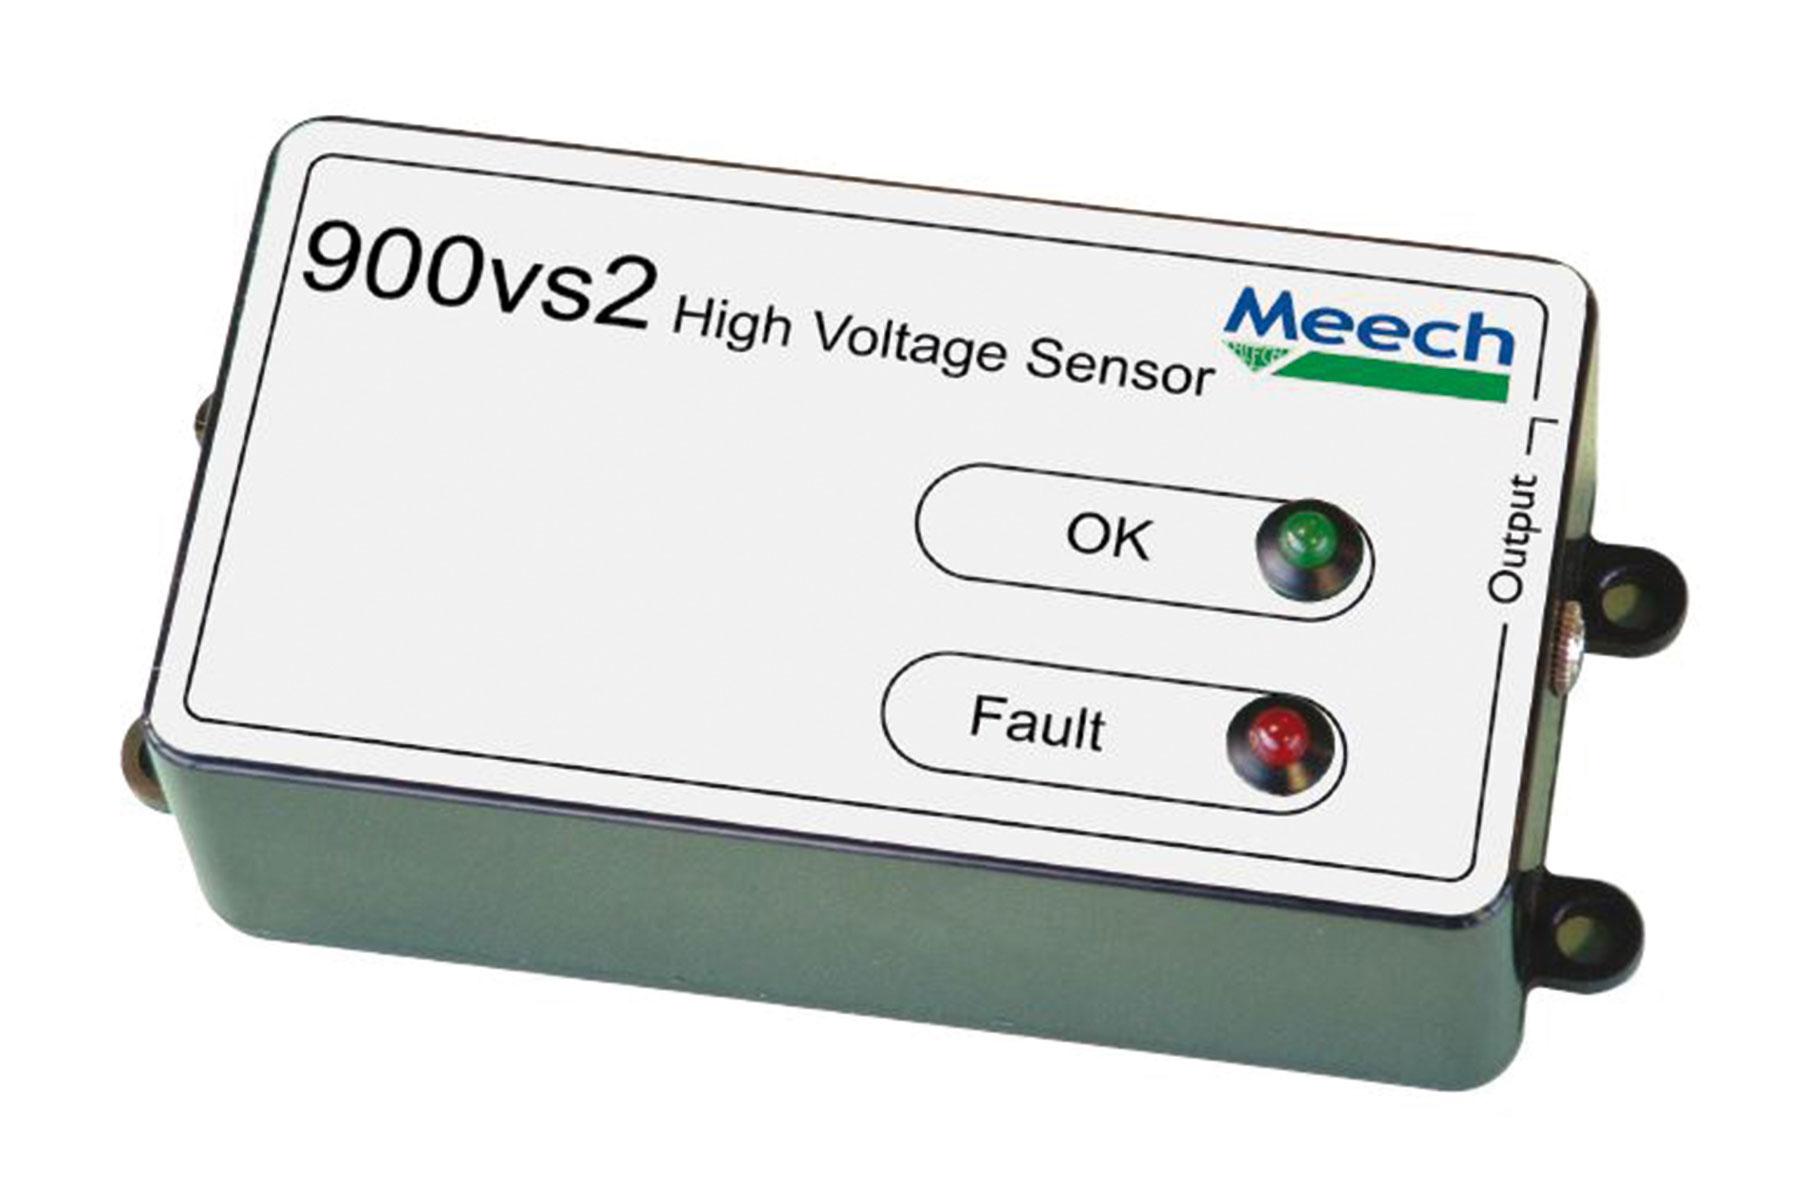 Sensore 900vs2 per alta tensione